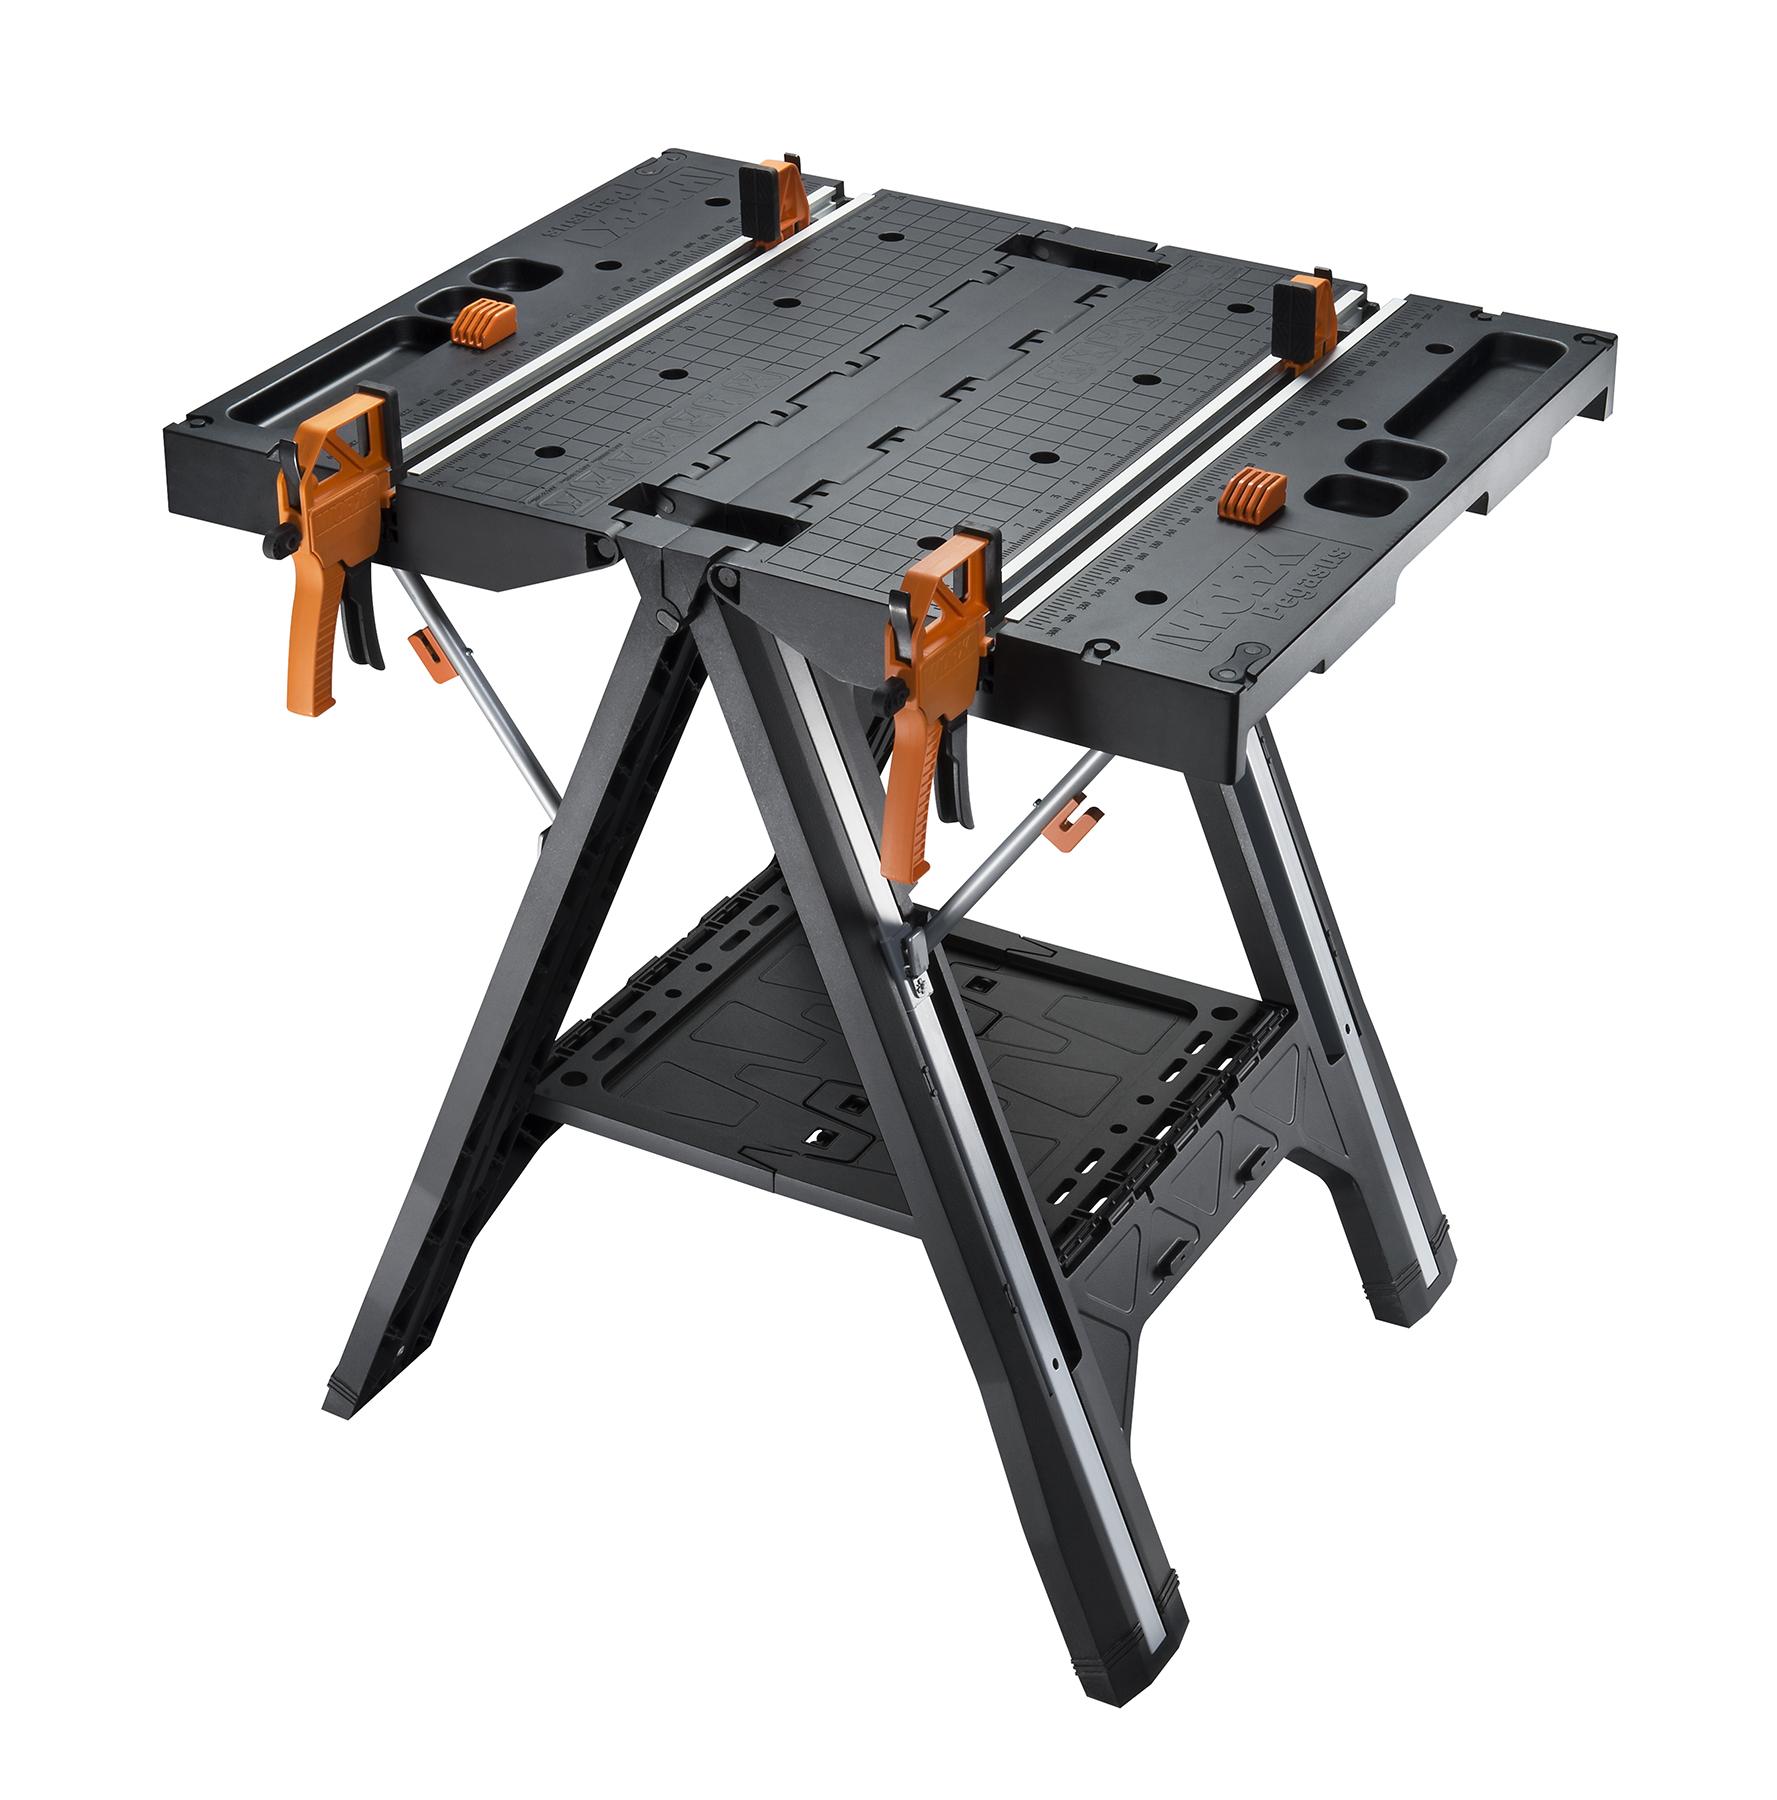 New WORX Pegasus WorktableSawhorse and WORXSAW Make Great DIY Pairing